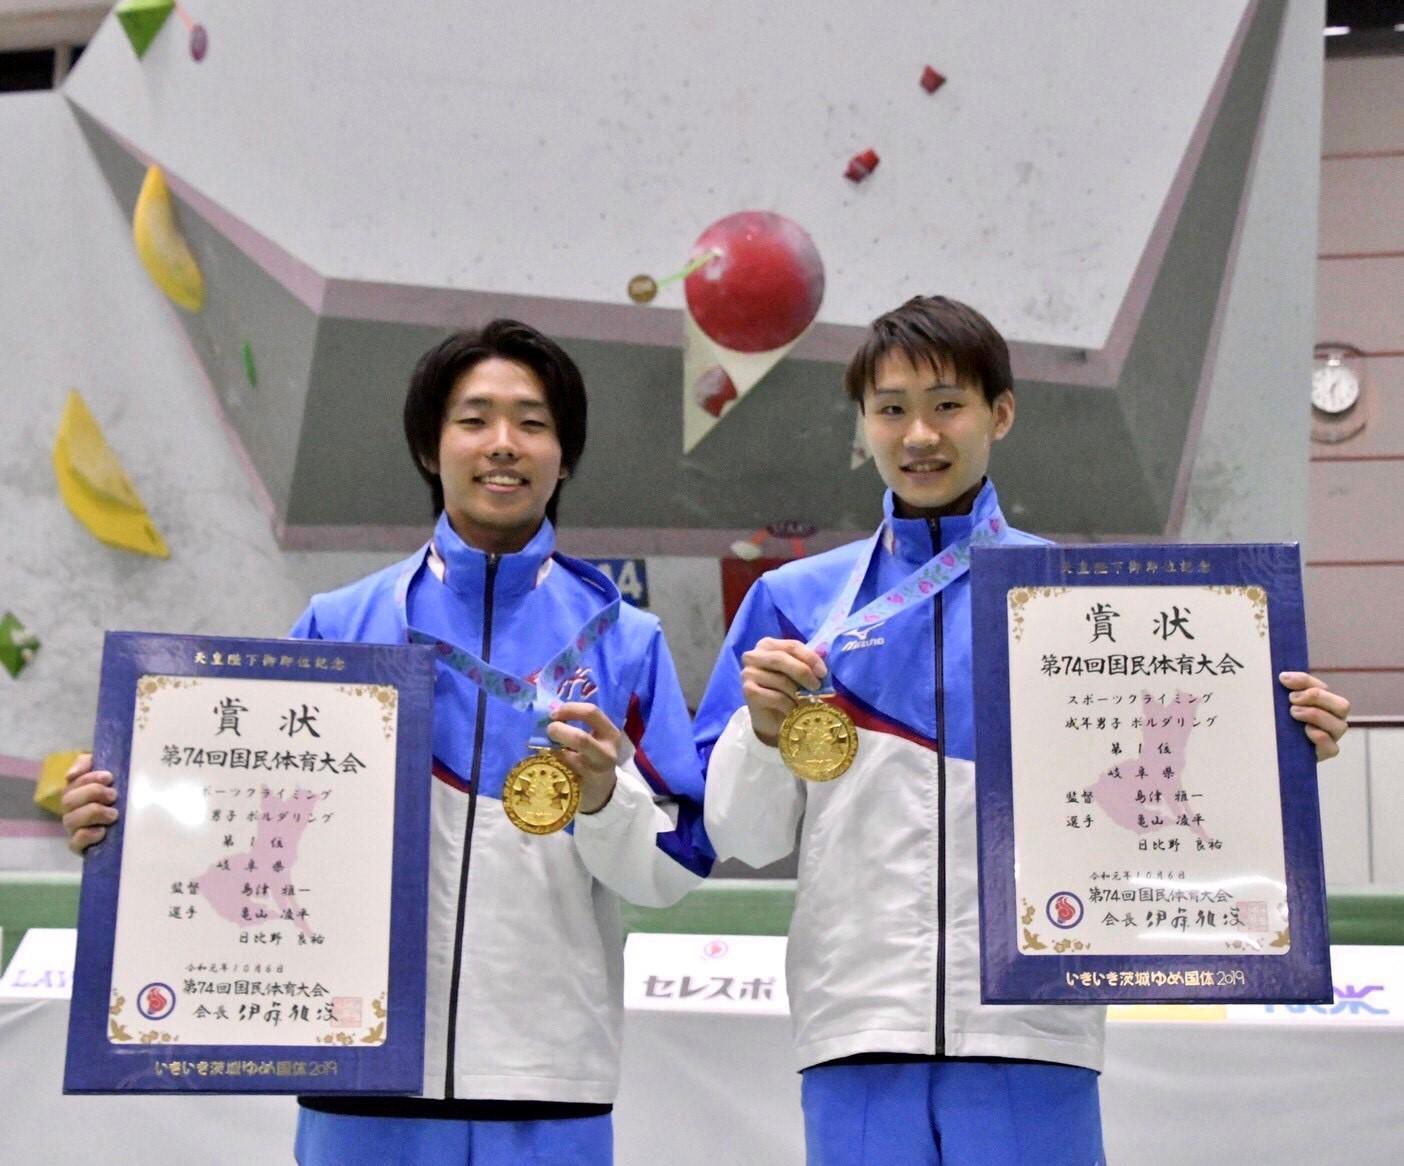 茨城国体で優勝した亀山さん(右)・日比野さんペア